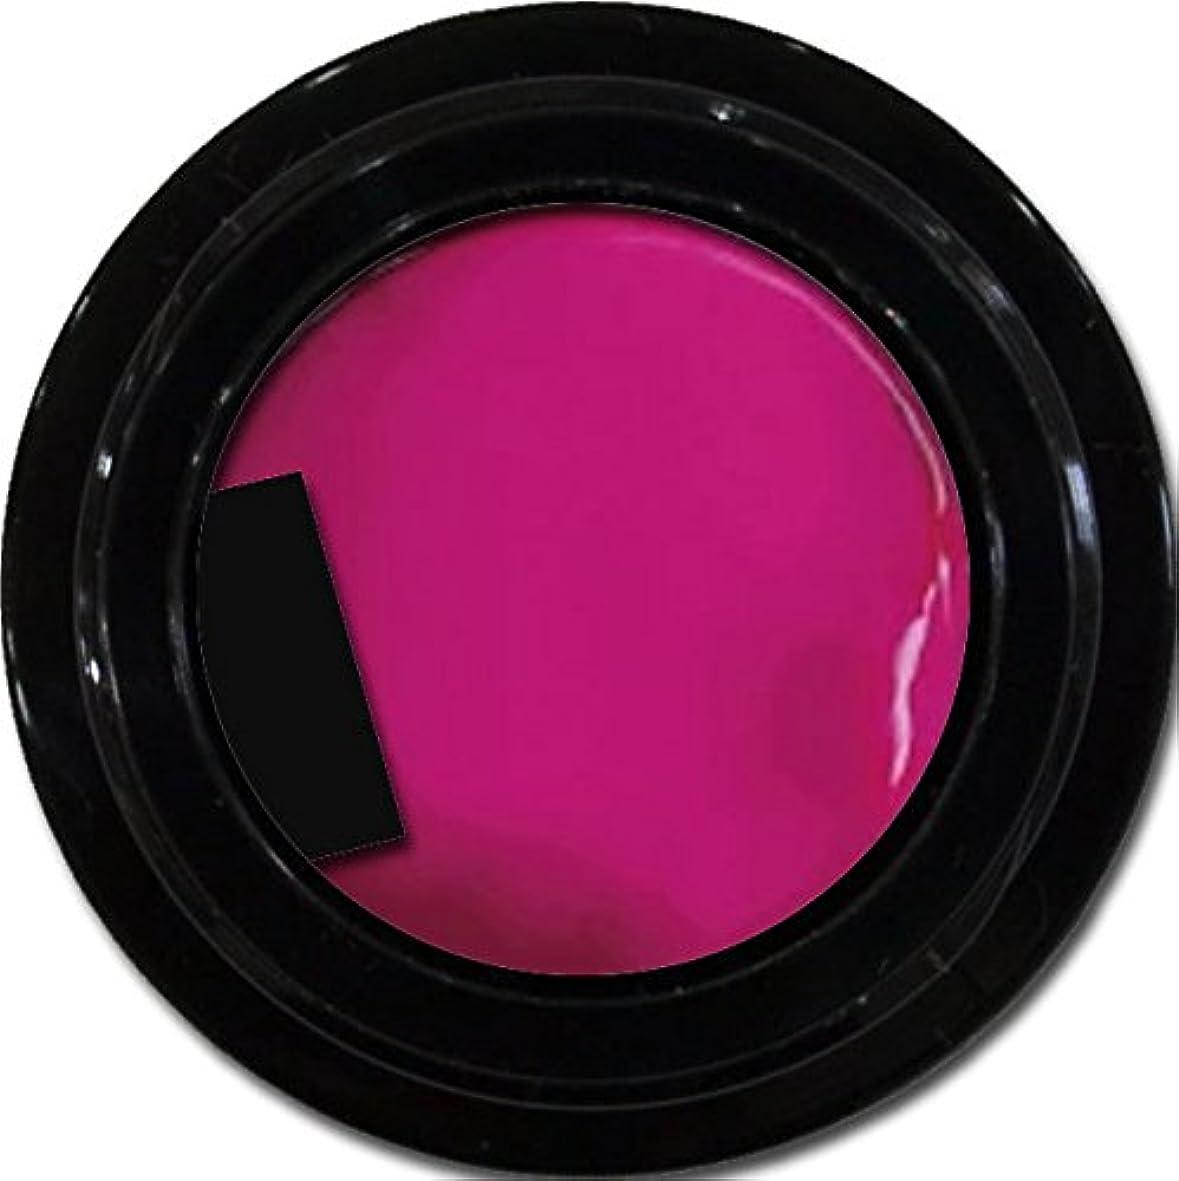 お風呂友だちマークダウンカラージェル enchant color gel M214 NeoPink 3g/ マットカラージェル M214 ネオピンク 3グラム